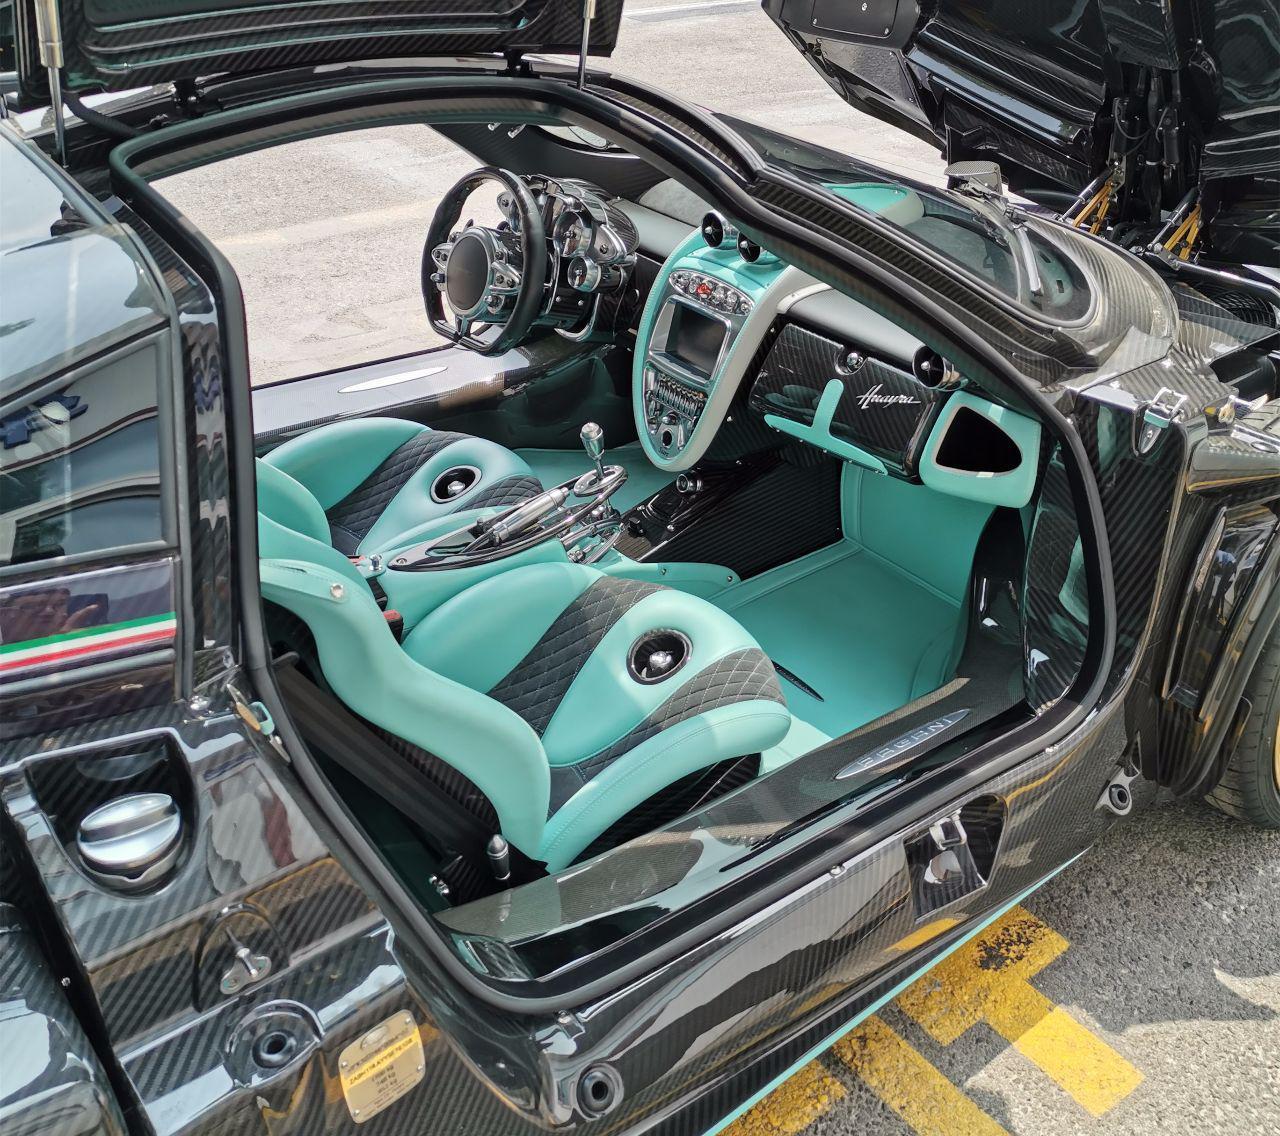 帕加尼在天津上牌,车型名字很难读,座椅上的孔用处很大